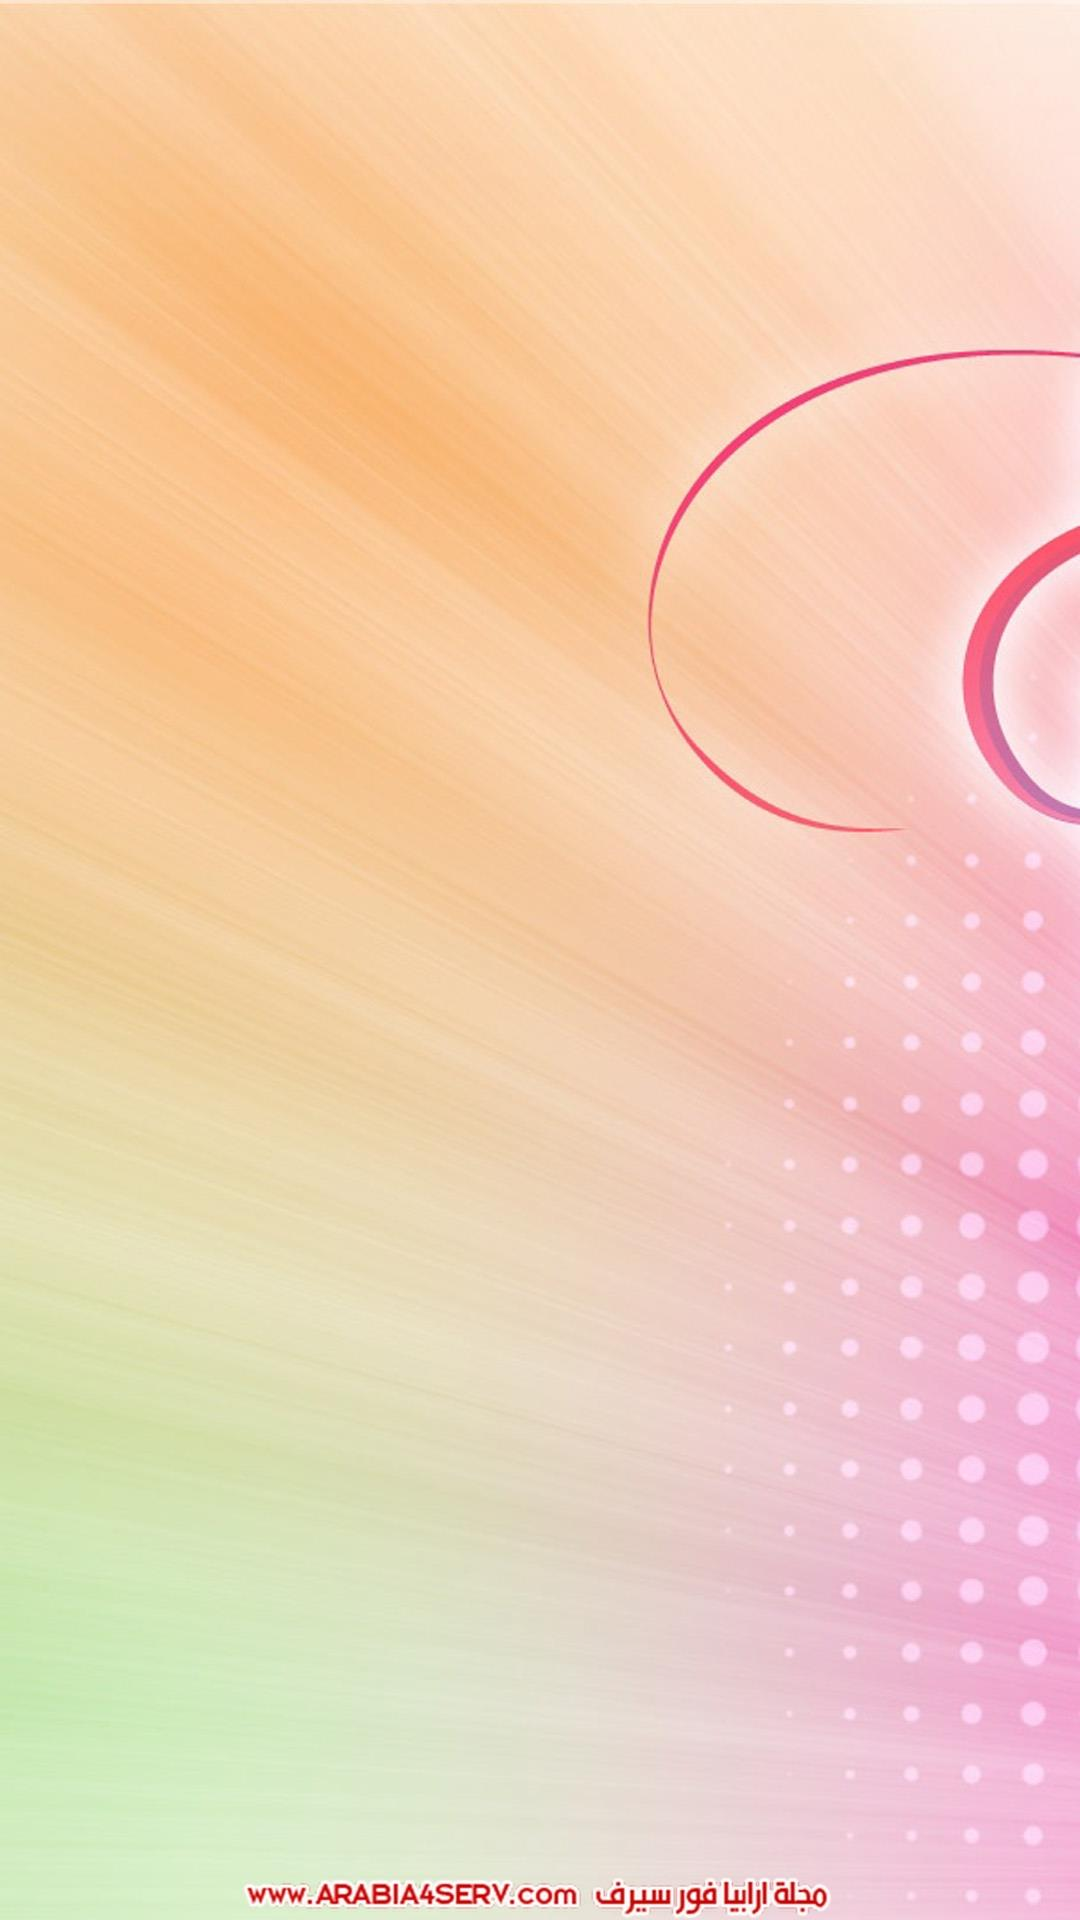 خلفيات-موبايل-جوال-هواوي-اسيند-بي-7-Huawei-Ascend-P7-5